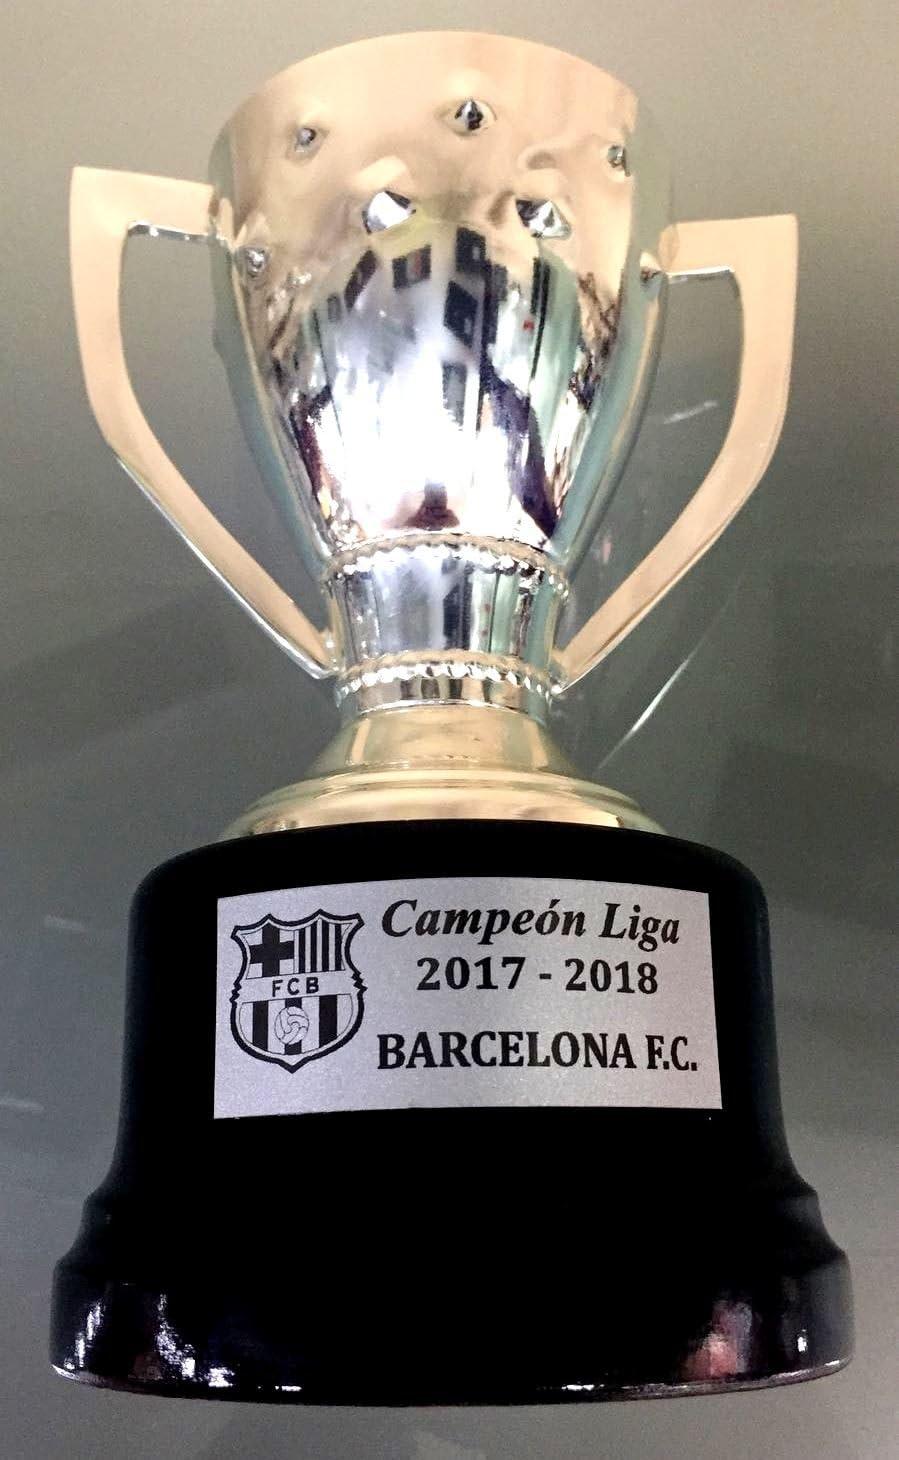 Trofeos Liga Replica FC Barcelona 2017-2018 Trofeos de Futbol Titulos FC Barcelona Campeón de Liga FC Barcelona: Amazon.es: Deportes y aire libre